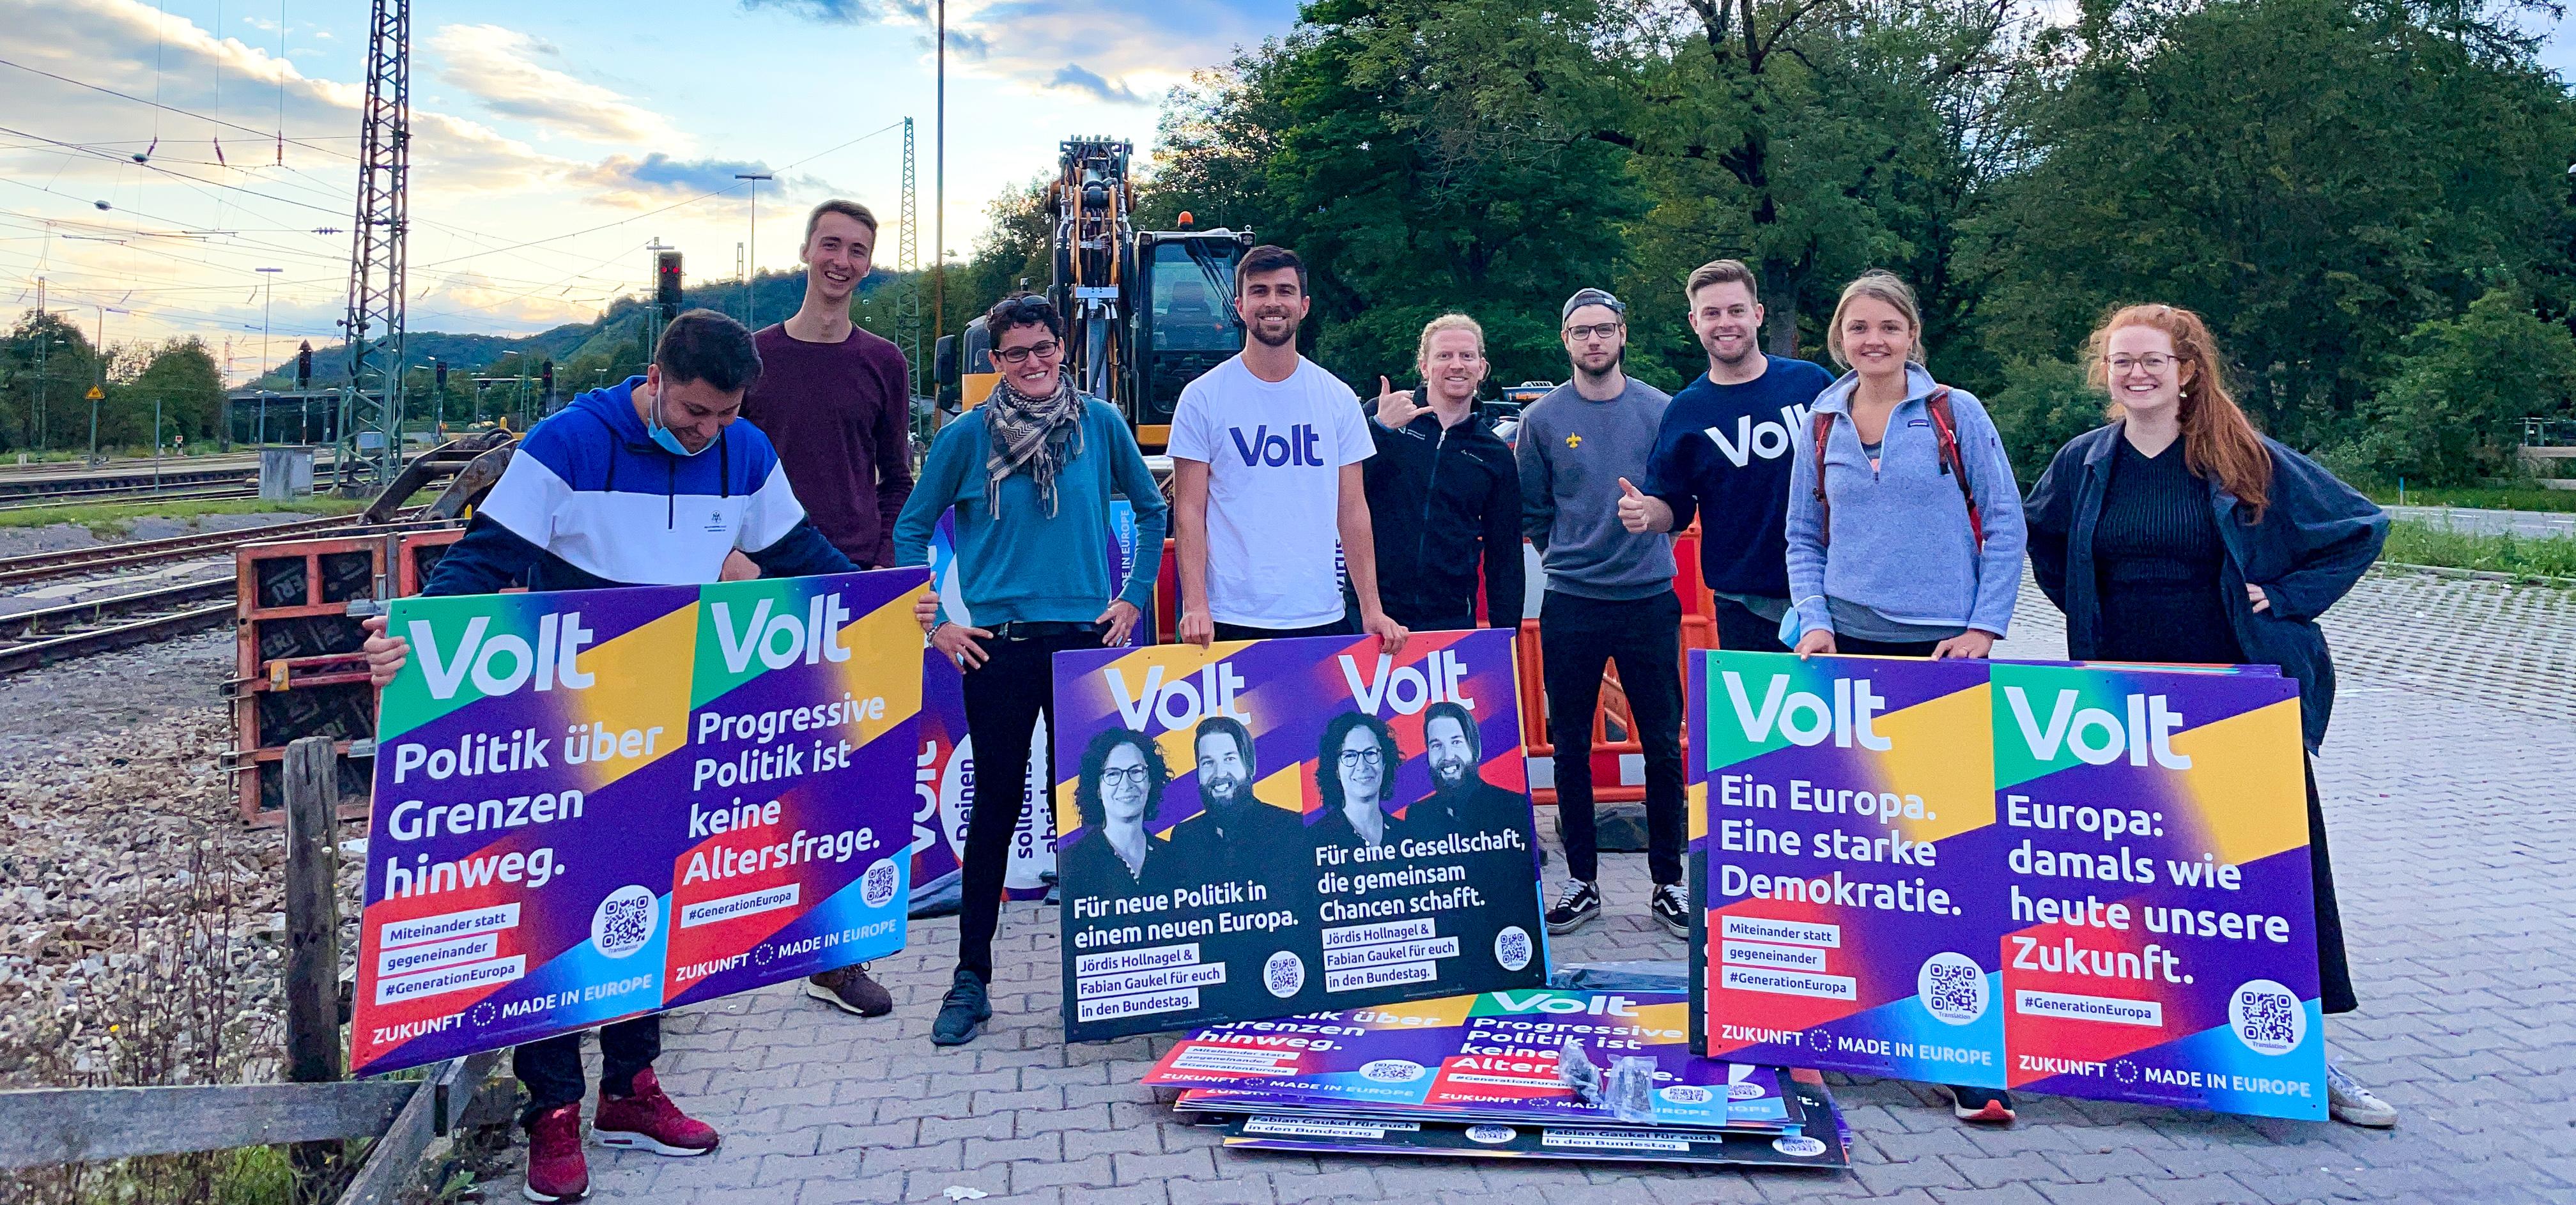 Das Team Tübingen-Reutlingen in Pose mit Plakaten zur Bundestagswahl